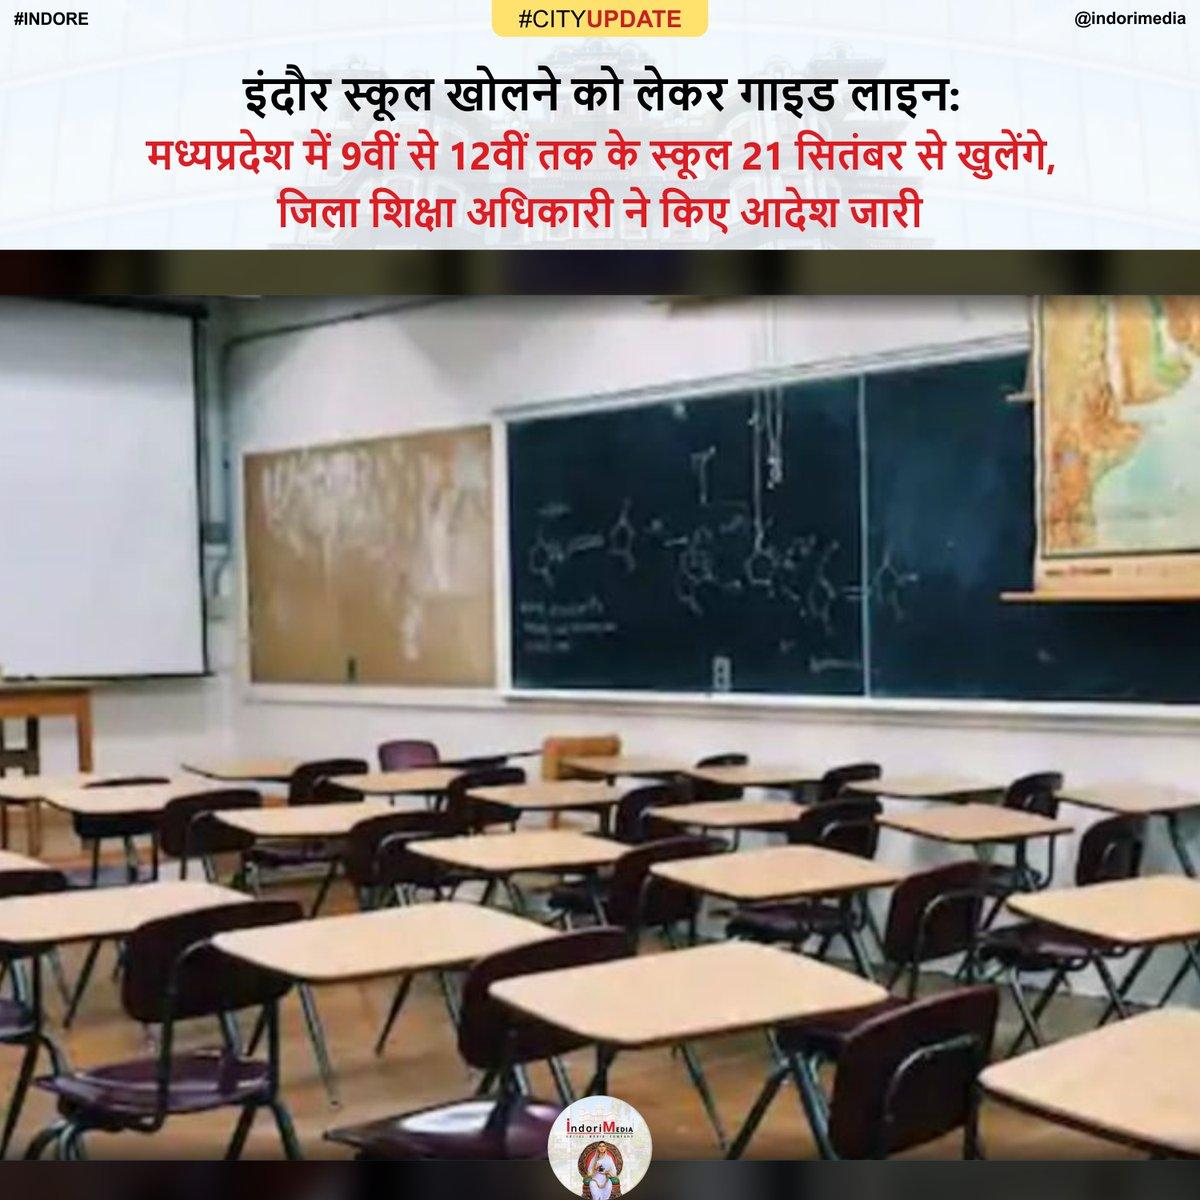 #open #indoreschool  प्रदेश के सरकारी एवं प्राइवेट स्कूलों में 9वीं से 12वीं तक की कक्षाएं 21 सितंबर से लगने लगेंगी।  . Follow us back for all Indore Updates. @indorimedia.in . . #indorimedia #Indore #Ahilyabai #AhilyabaiHolkar #badaganpati #photography #news #student #job https://t.co/6Ek3xkseza